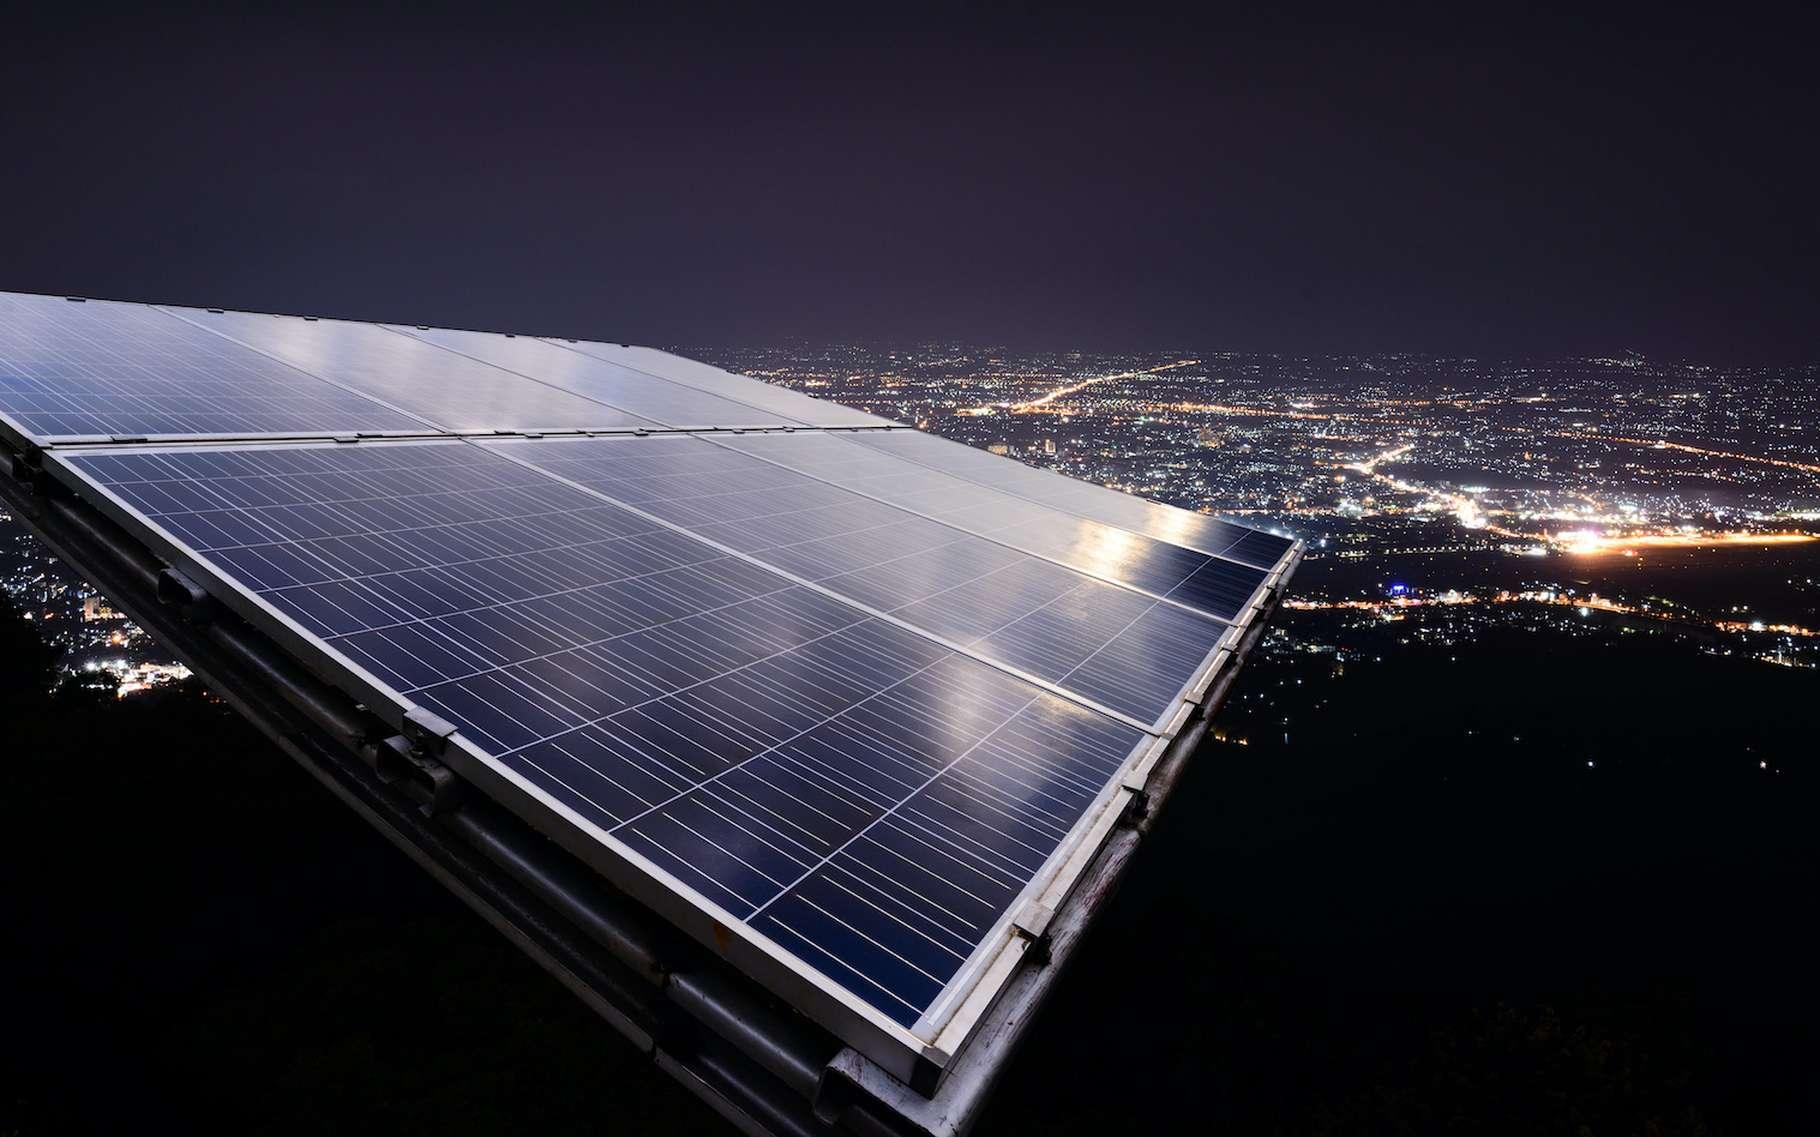 Des chercheurs semblent avoir mis au point une cellule solaire inversée qui génère de l'électricité en émettant de la chaleur vers l'espace pendant la nuit. © Eakkaluk, Adobe Stock